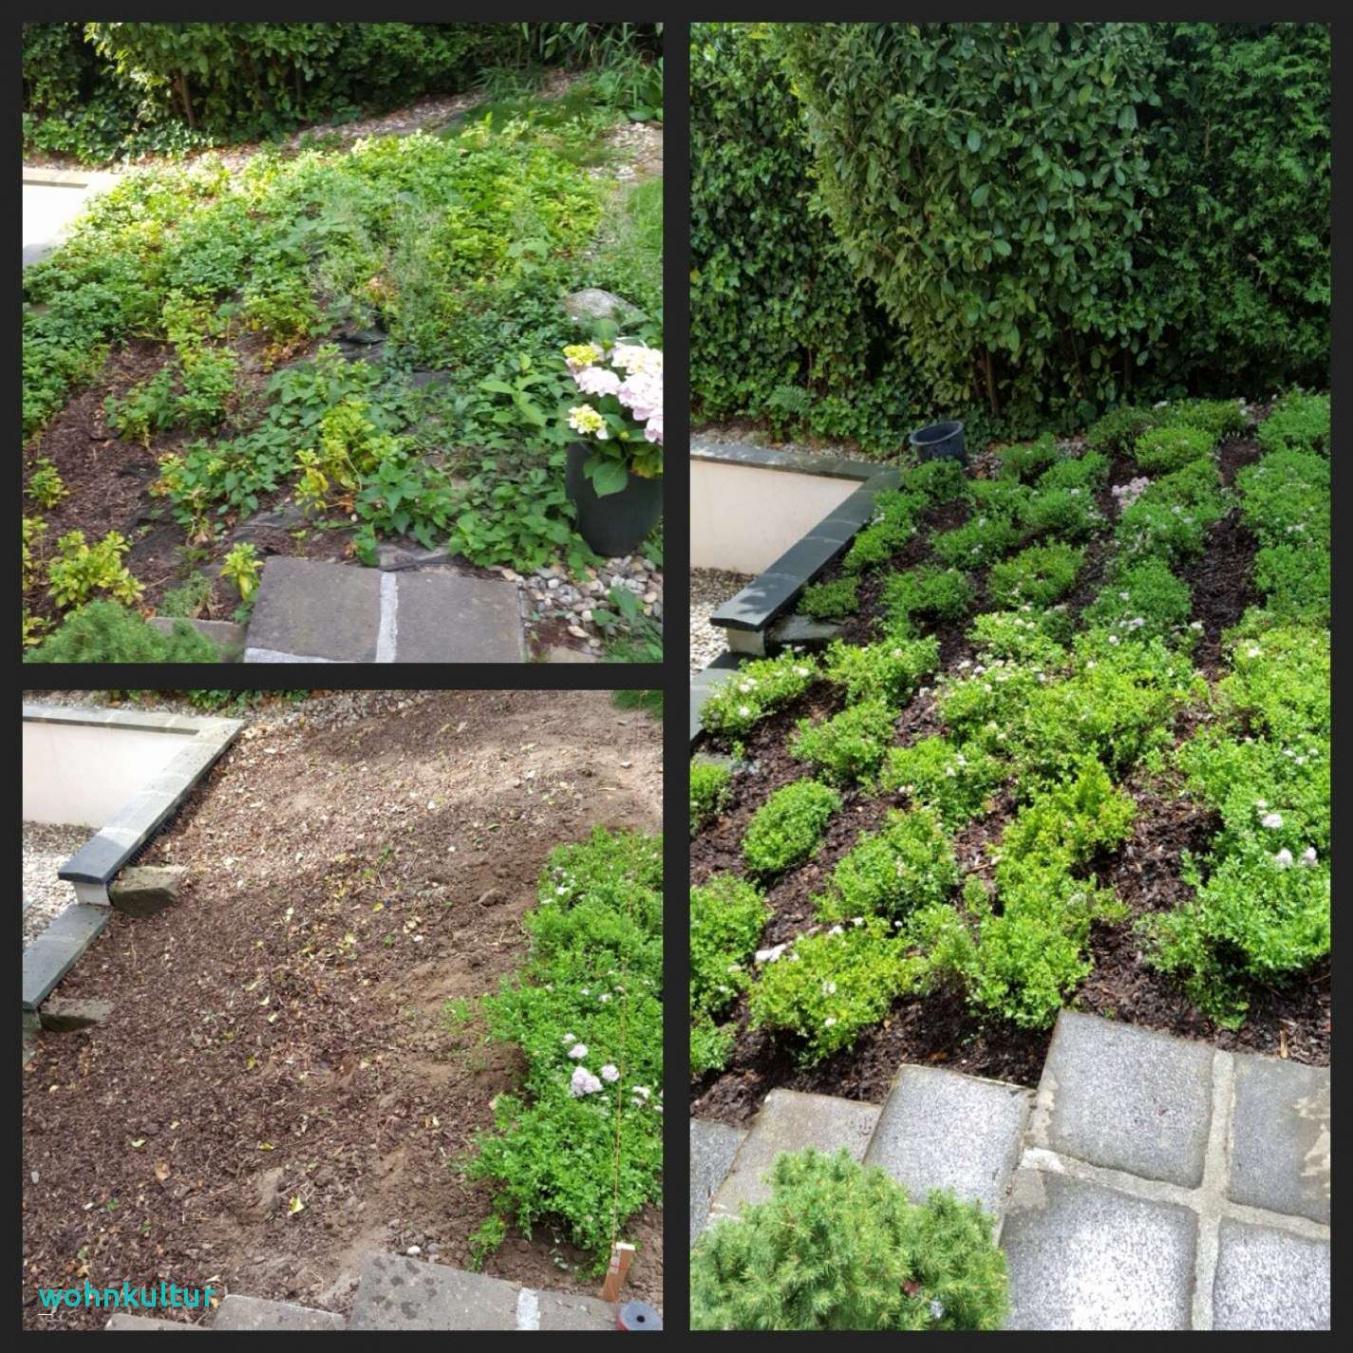 Deko Ideen Mit Steinen Im Garten Frisch Gartengestaltung Ideen Mit Steinen — Temobardz Home Blog